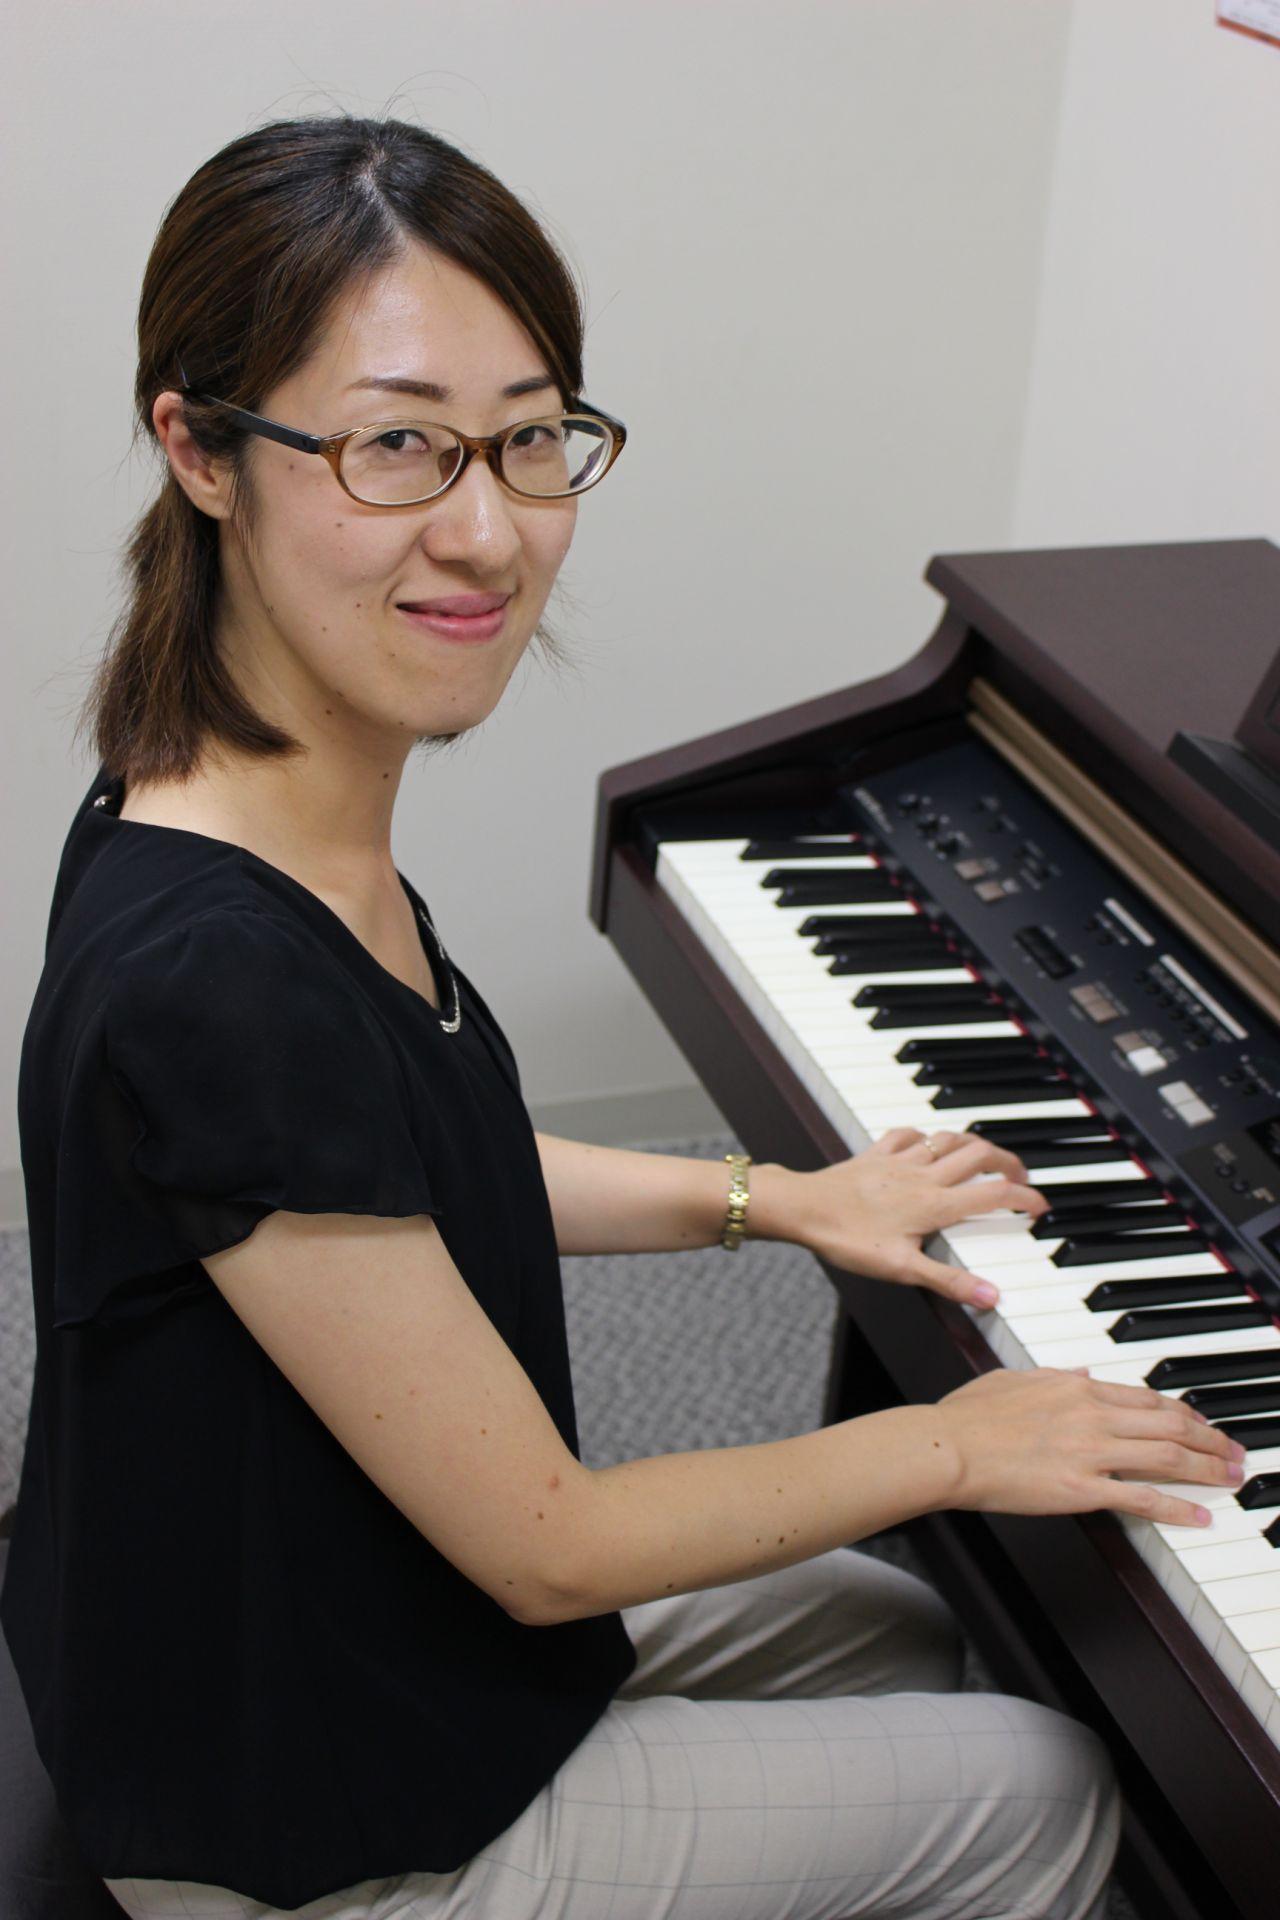 水戸 大人のピアノ教室